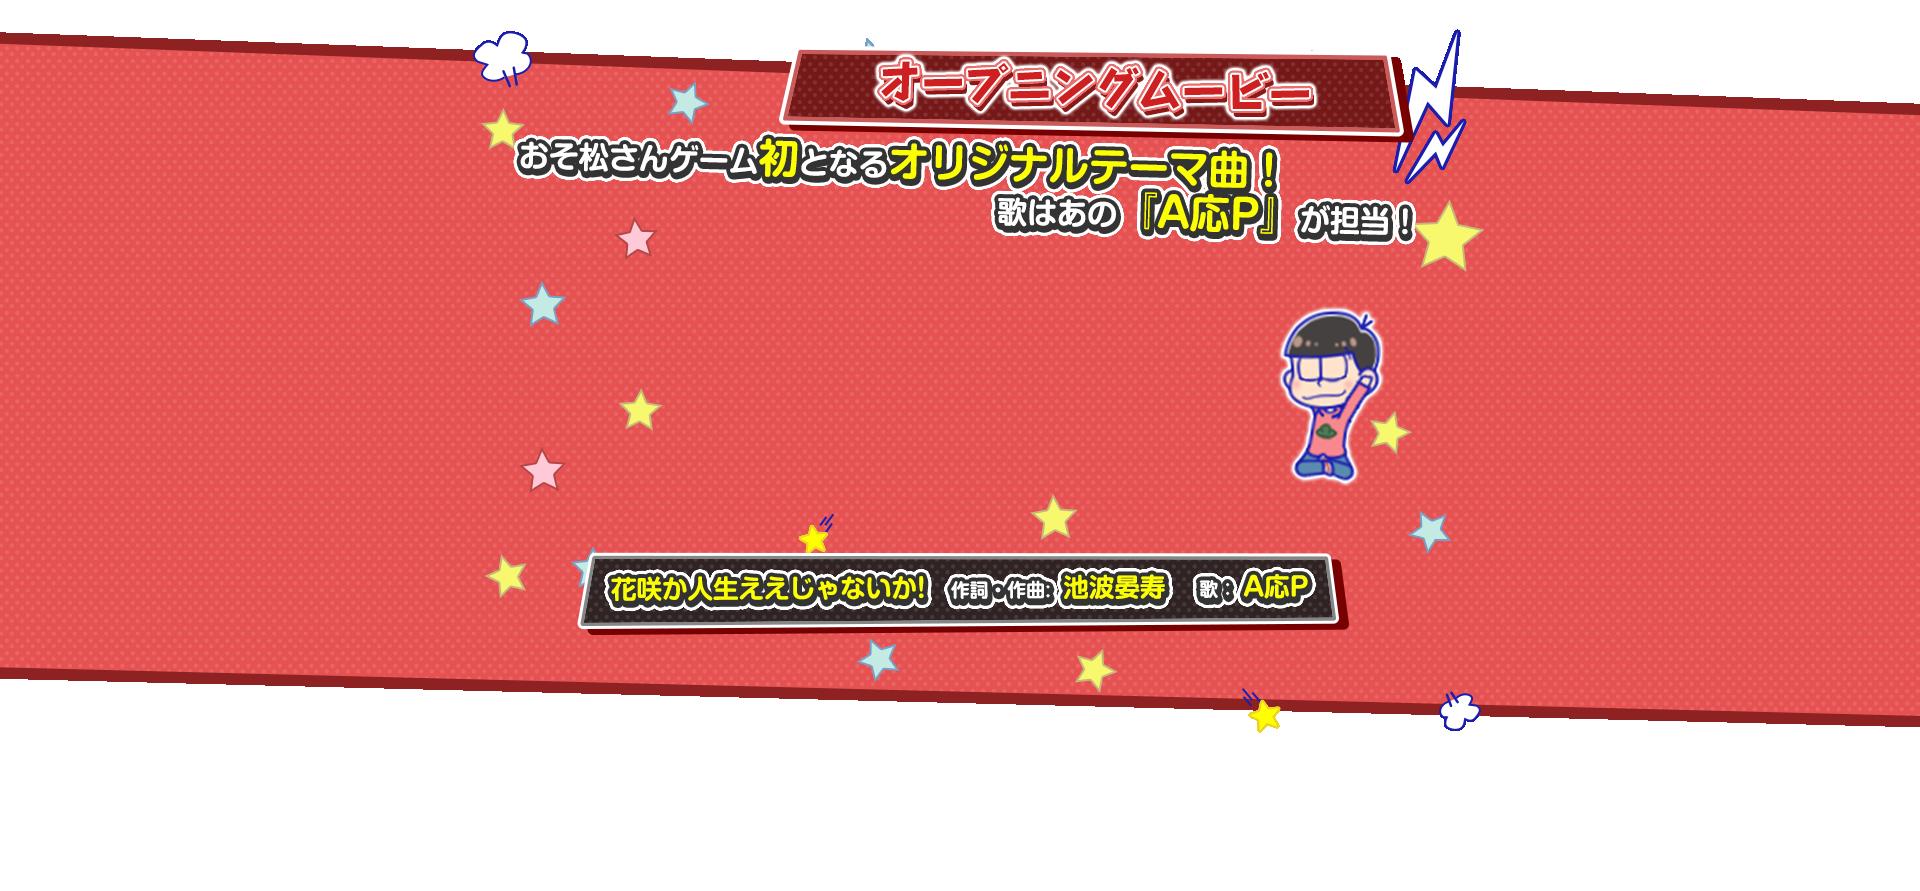 オープニングムービー おそ松さんゲーム初となるオリジナルテーマ曲!歌はあの『A応P』が担当! 花咲か人生ええじゃないか! 作詞・作曲:池波曼寿 歌:A応P